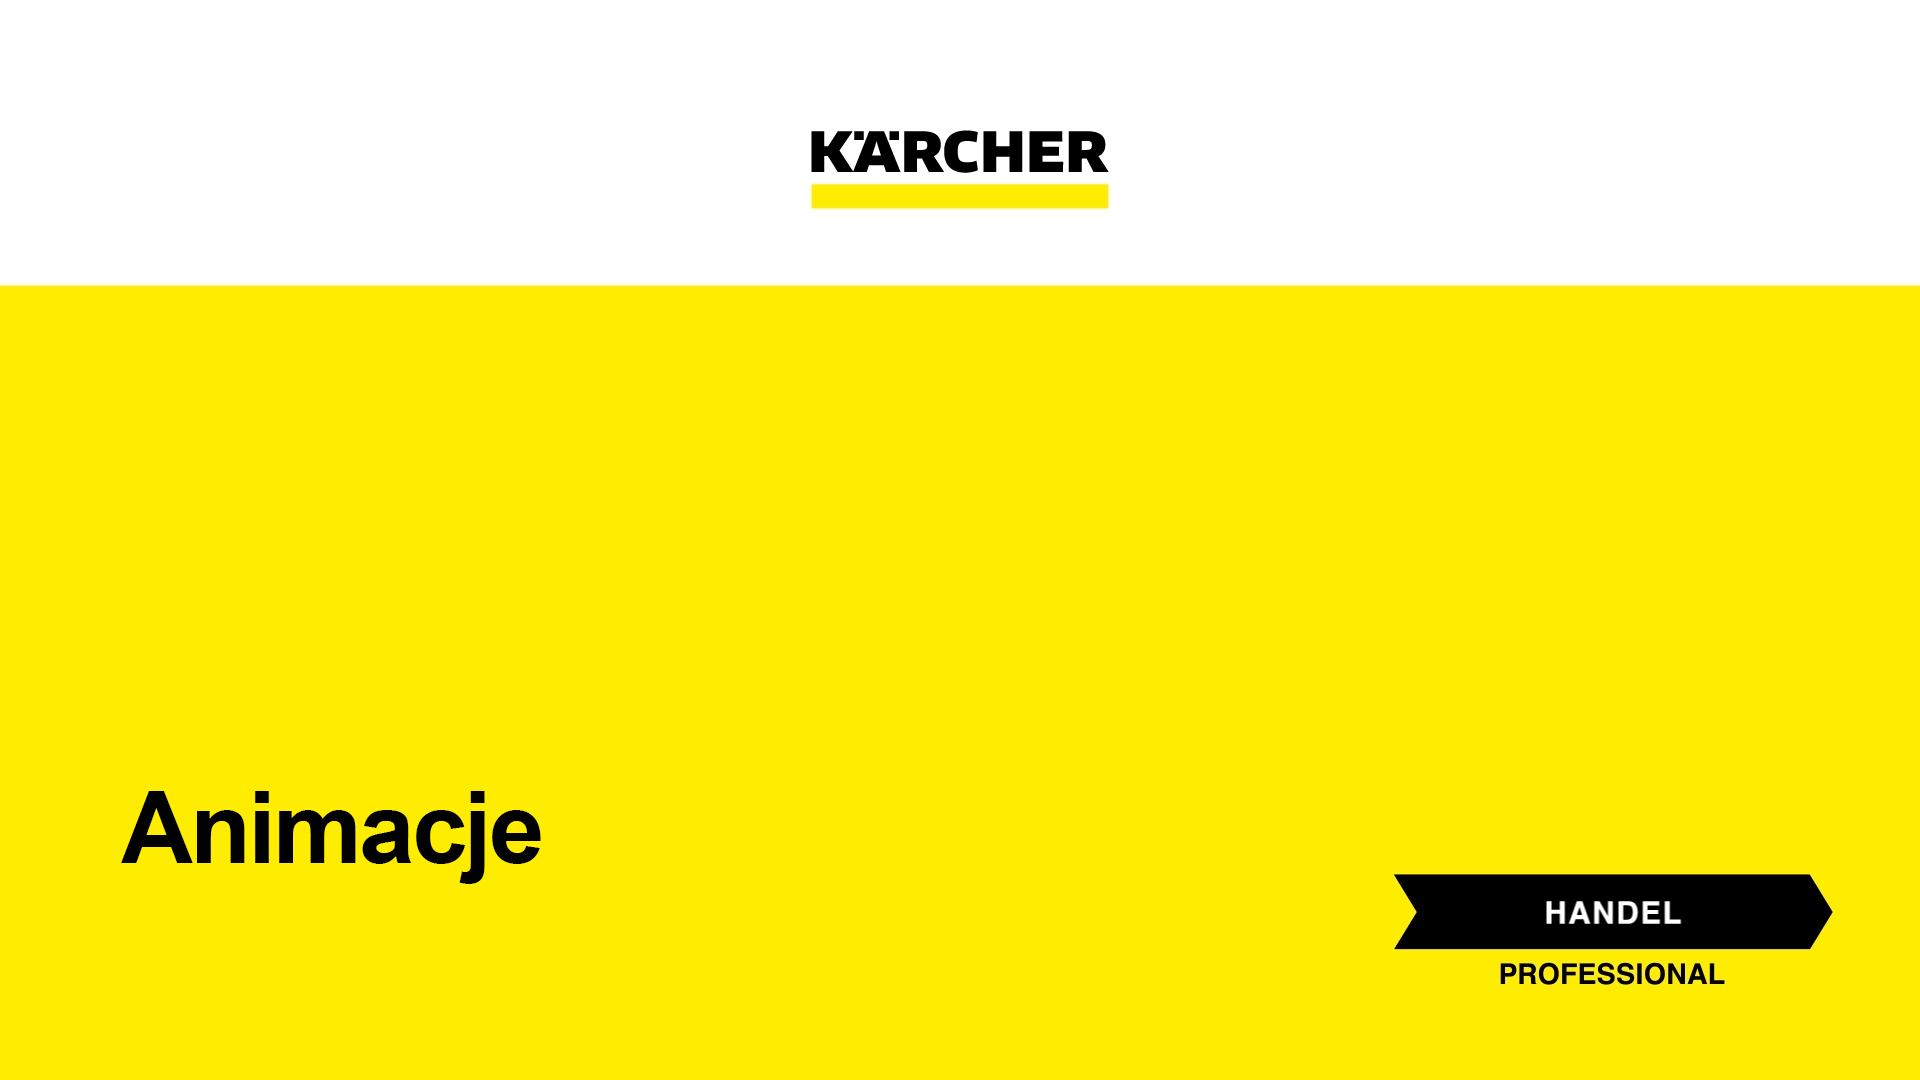 Animacje dla firmy Kärcher